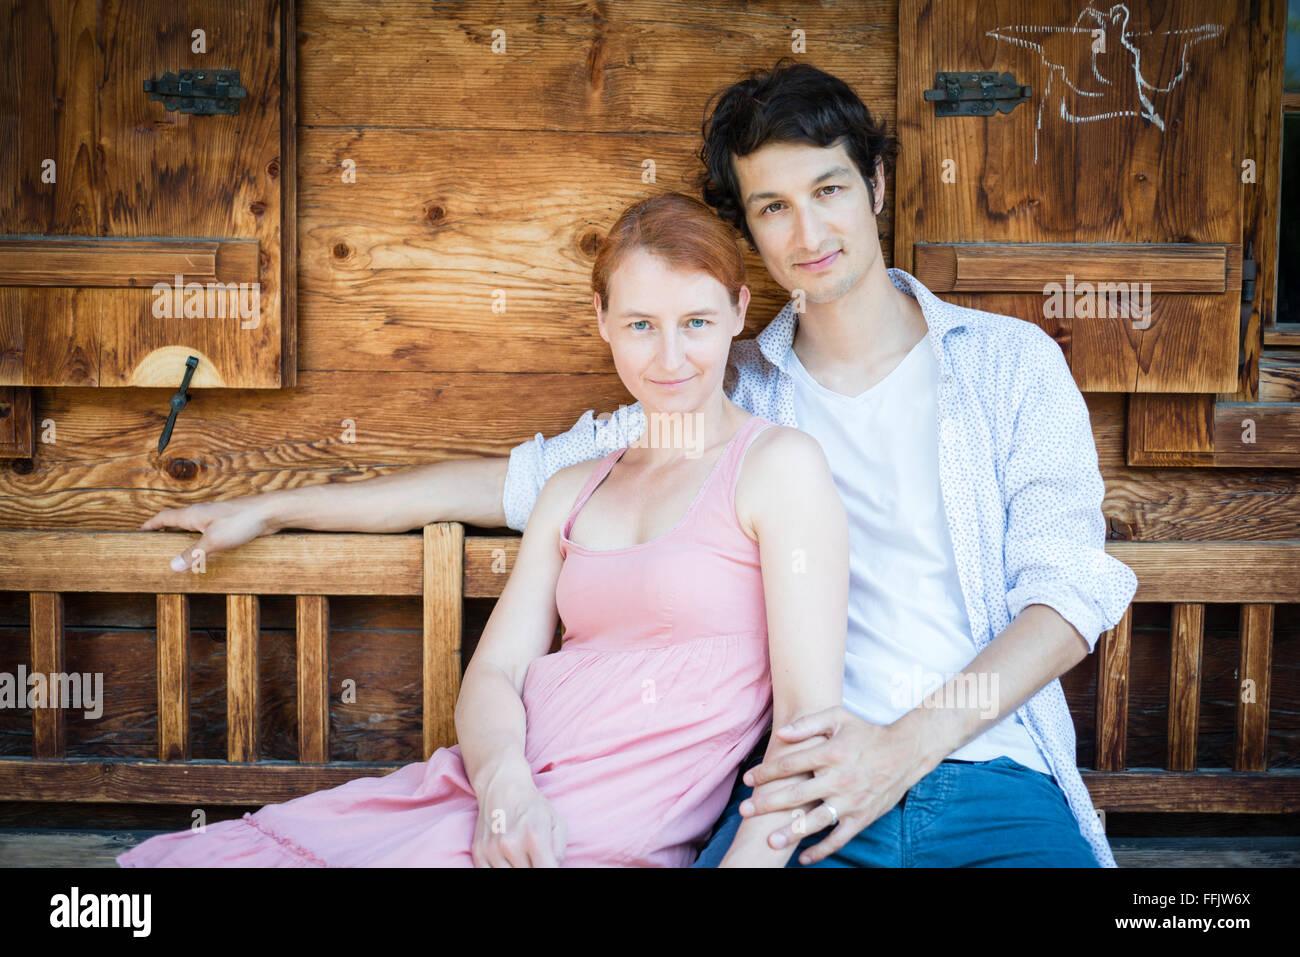 Ritratto di felice coppia seduti fianco a fianco Immagini Stock